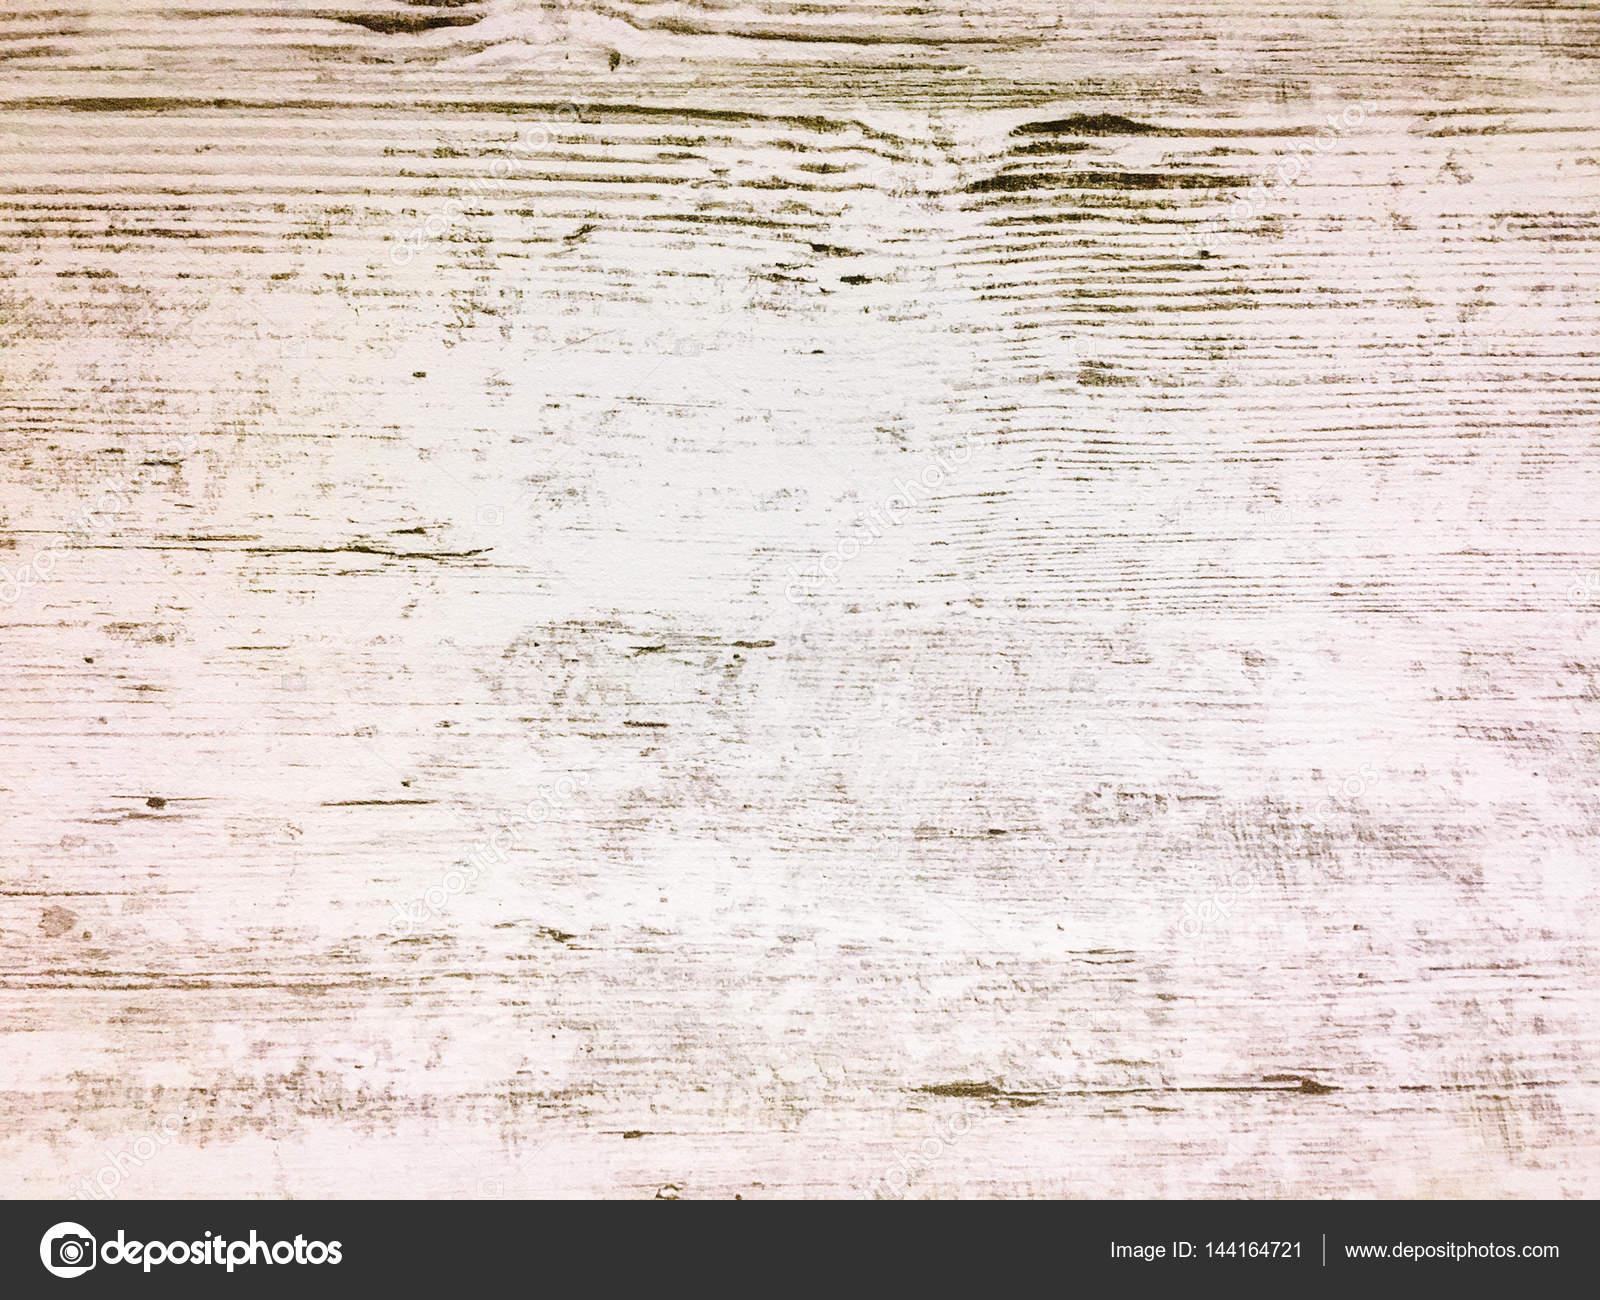 White Wooden TextureWash Background Photo By T Trifonoff